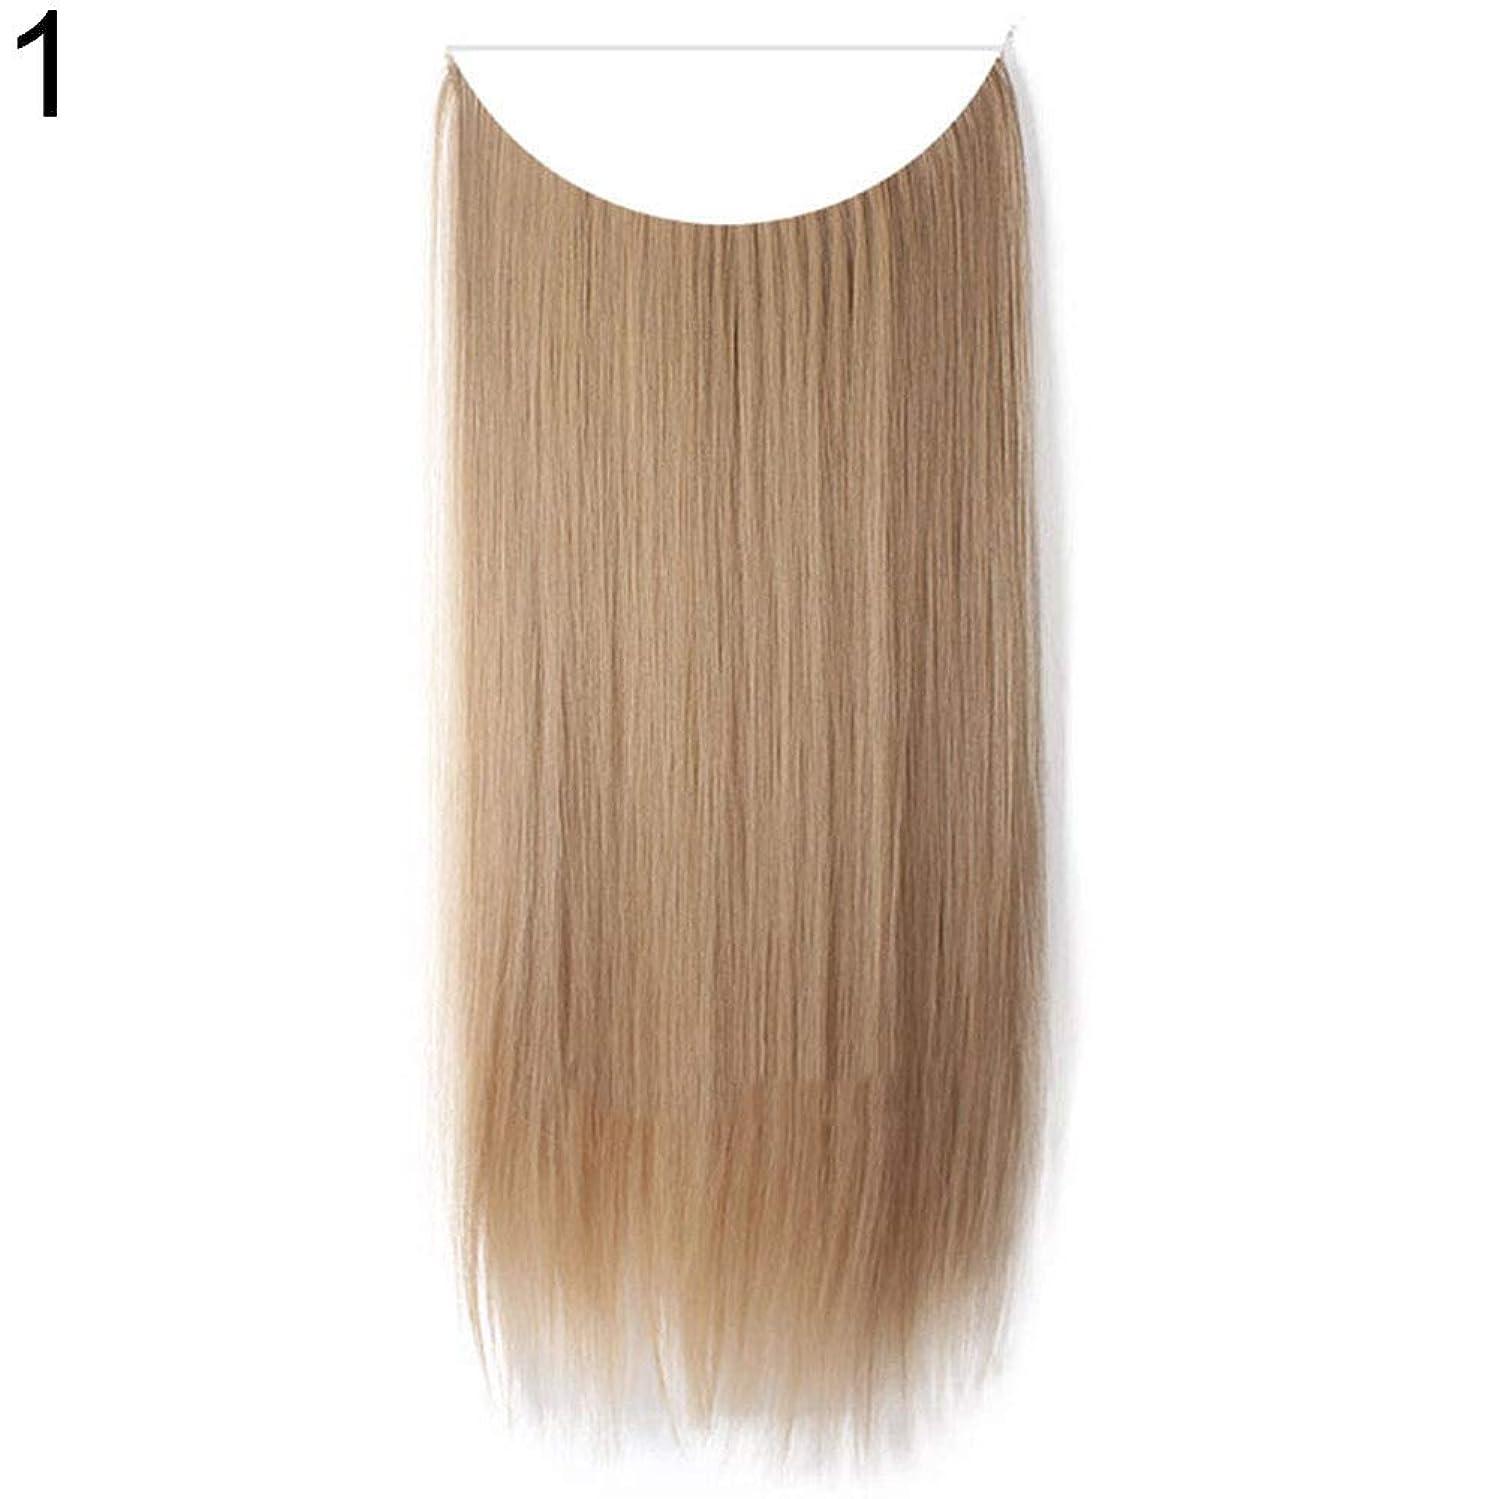 移行段落忘れるslQinjiansav女性ウィッグ収納コンテナ22インチ女性ロングストレート/カーリーワイヤーヘッドバンドウィッグ目に見えない髪の延長